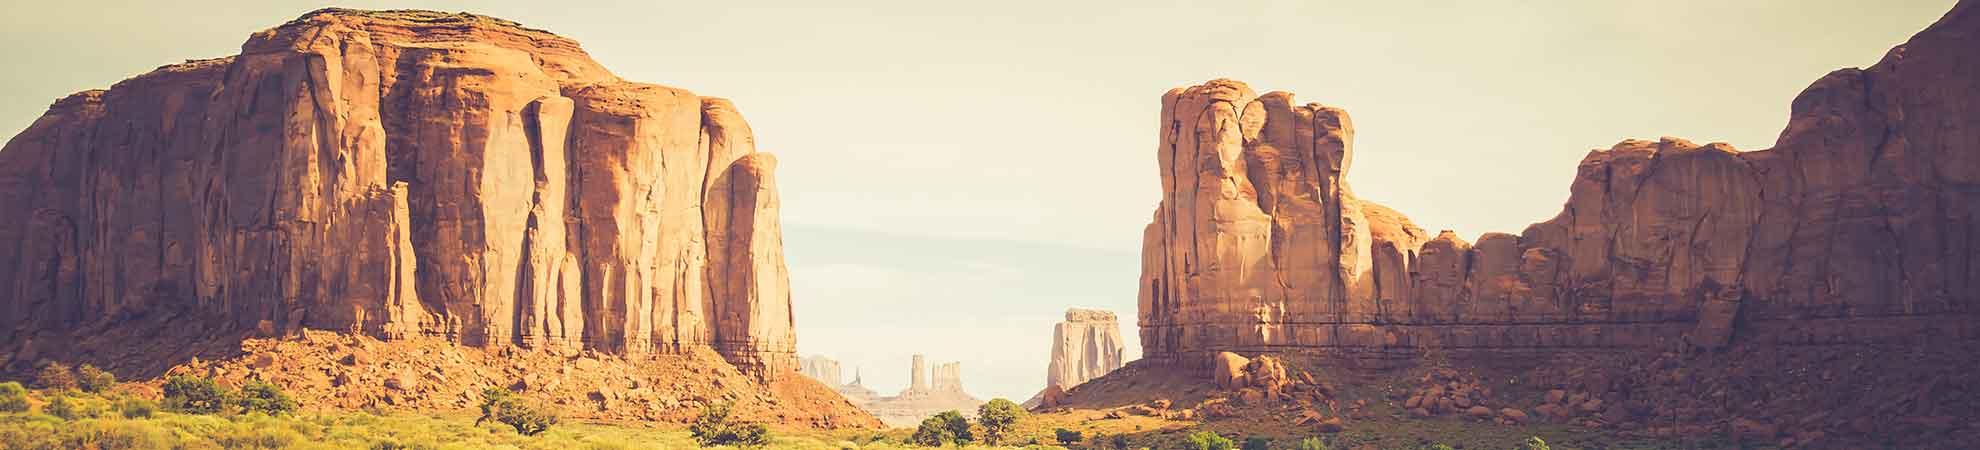 Visite de Monument Valley